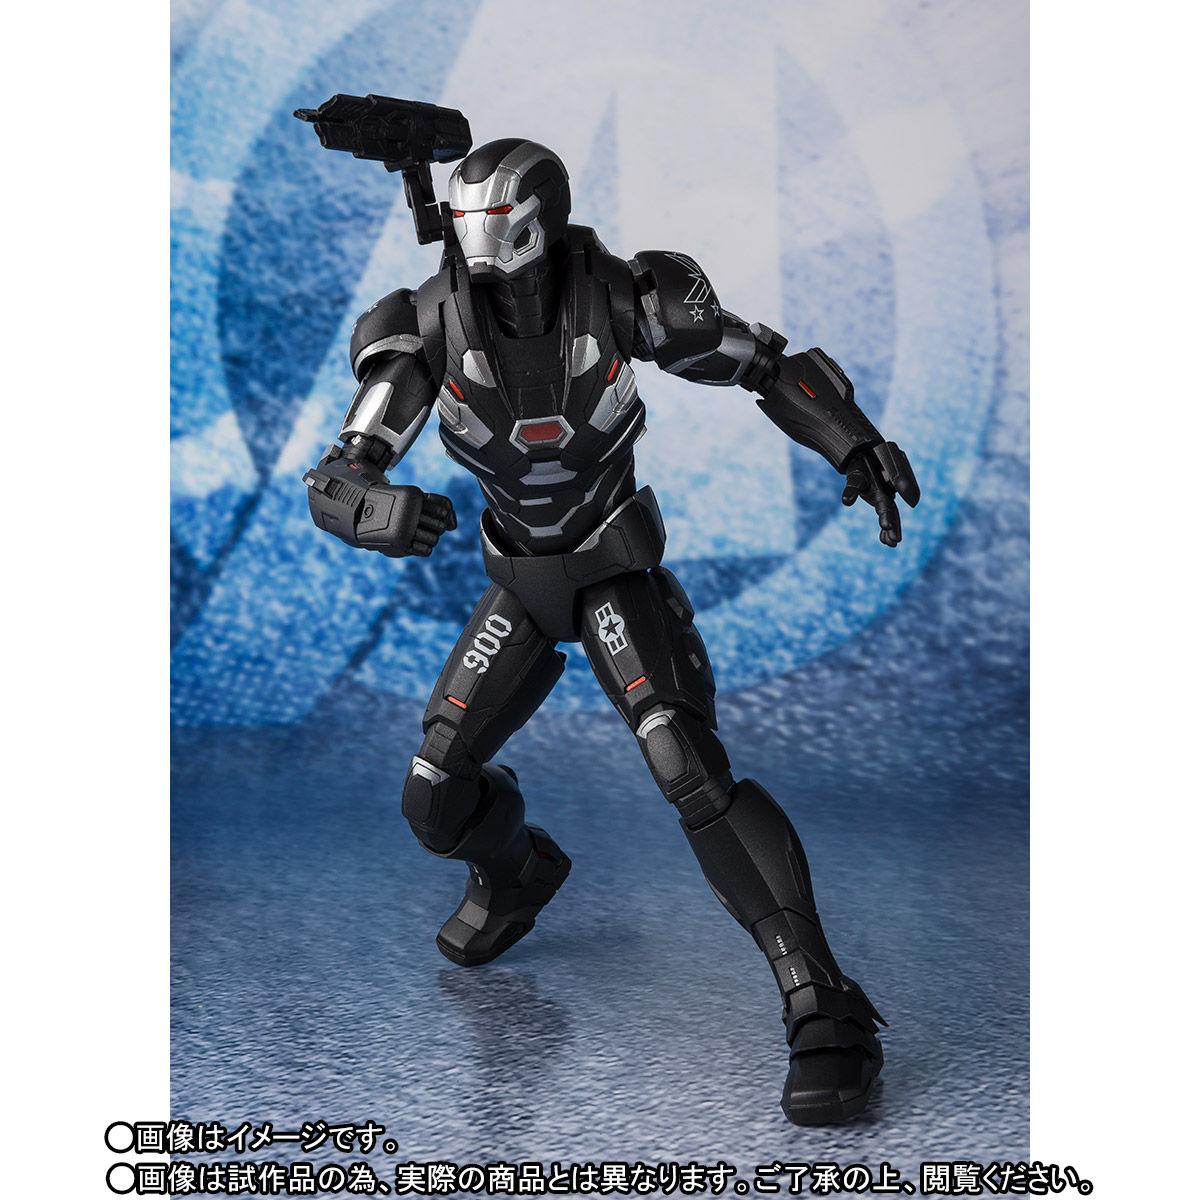 【限定販売】S.H.Figuarts『ウォーマシン マーク6』アベンジャーズ/エンドゲーム アクションフィギュア-006